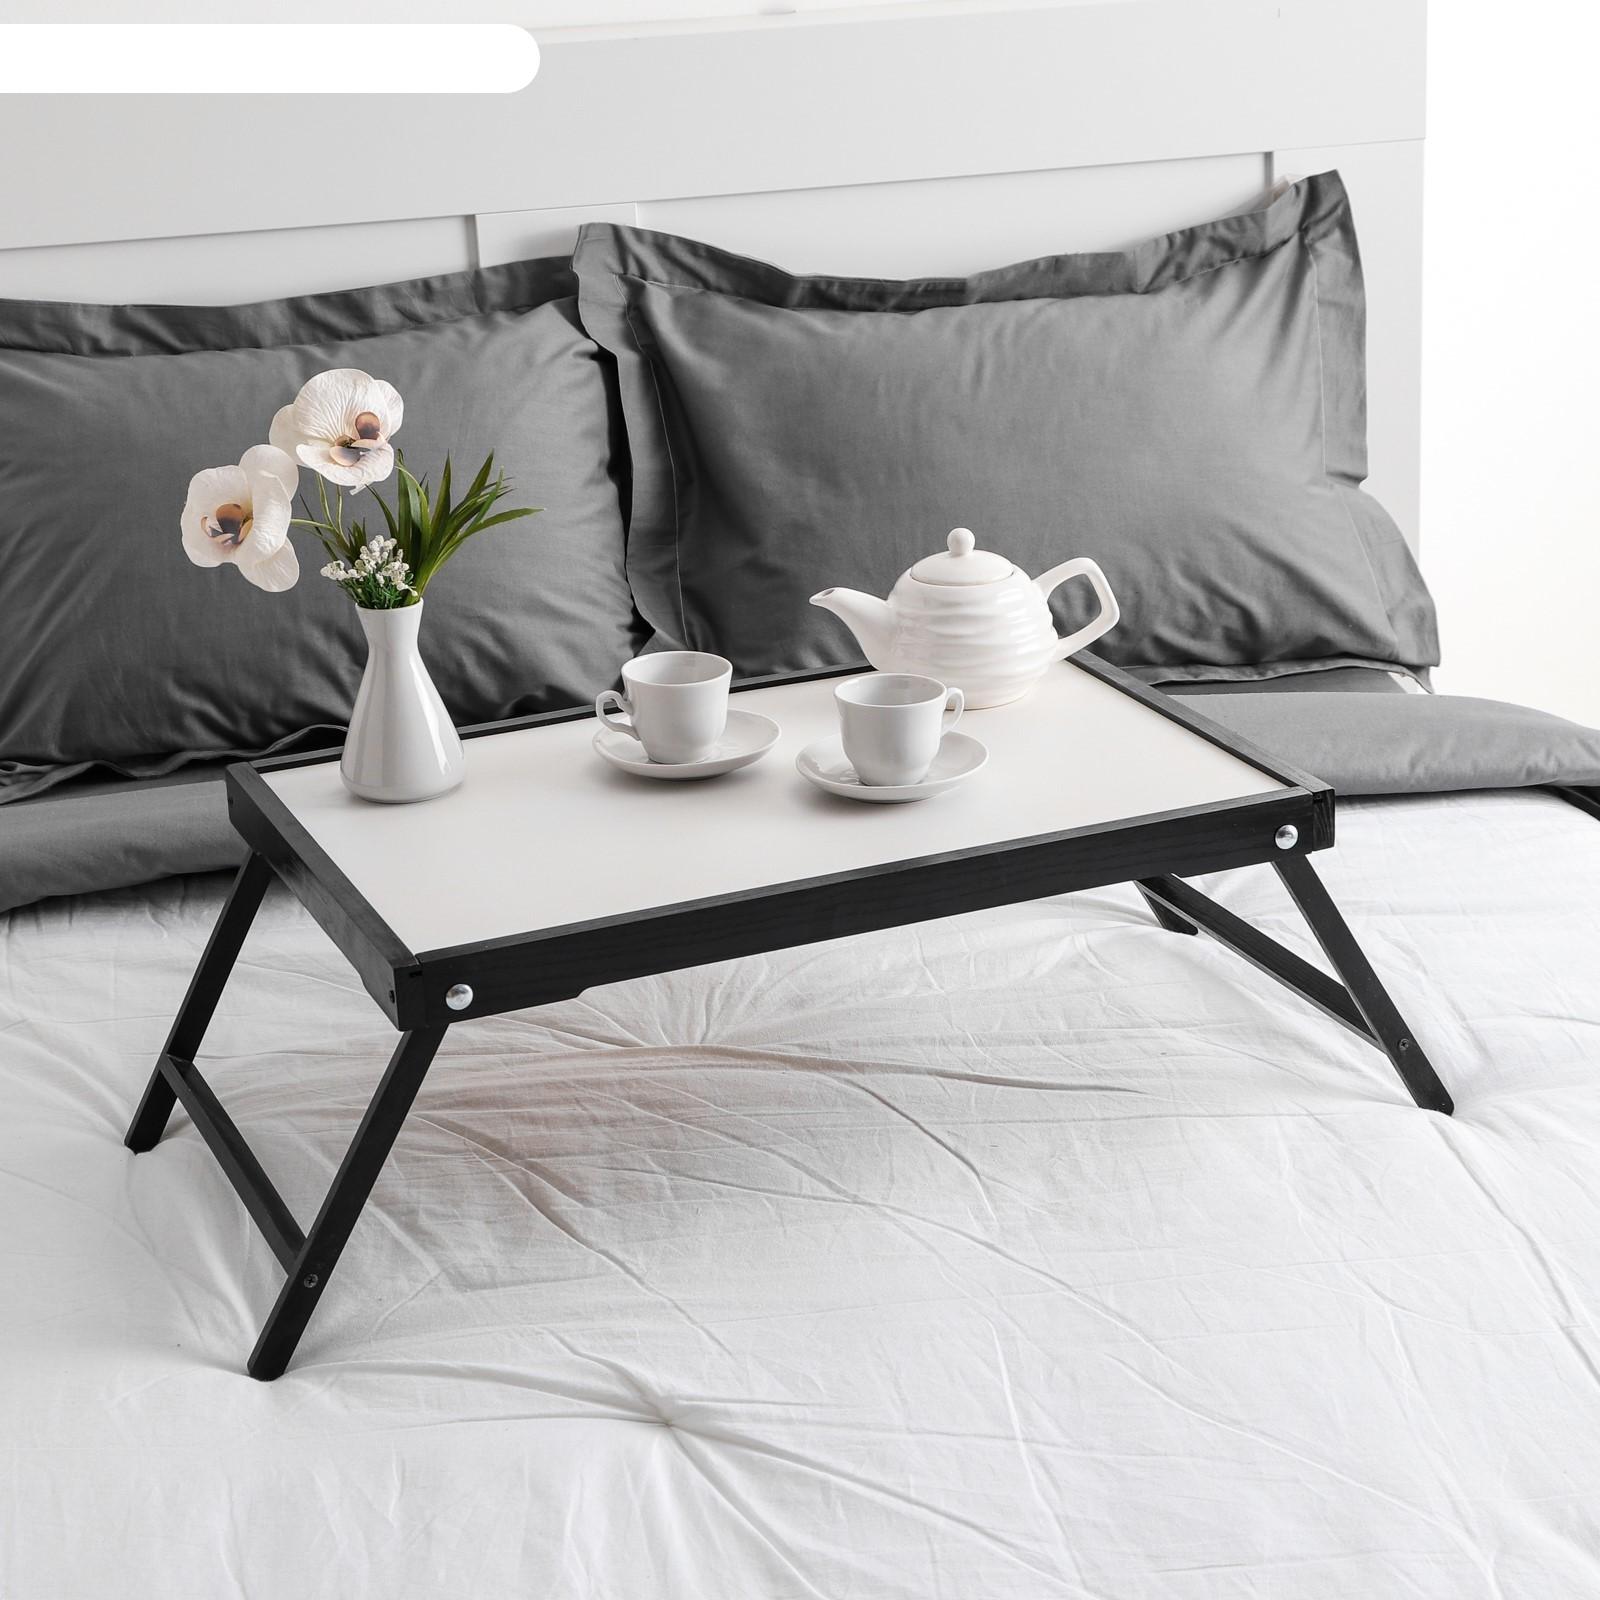 Столик для завтрака ренессанс, цвет черный, массив ясеня, 60х40 см